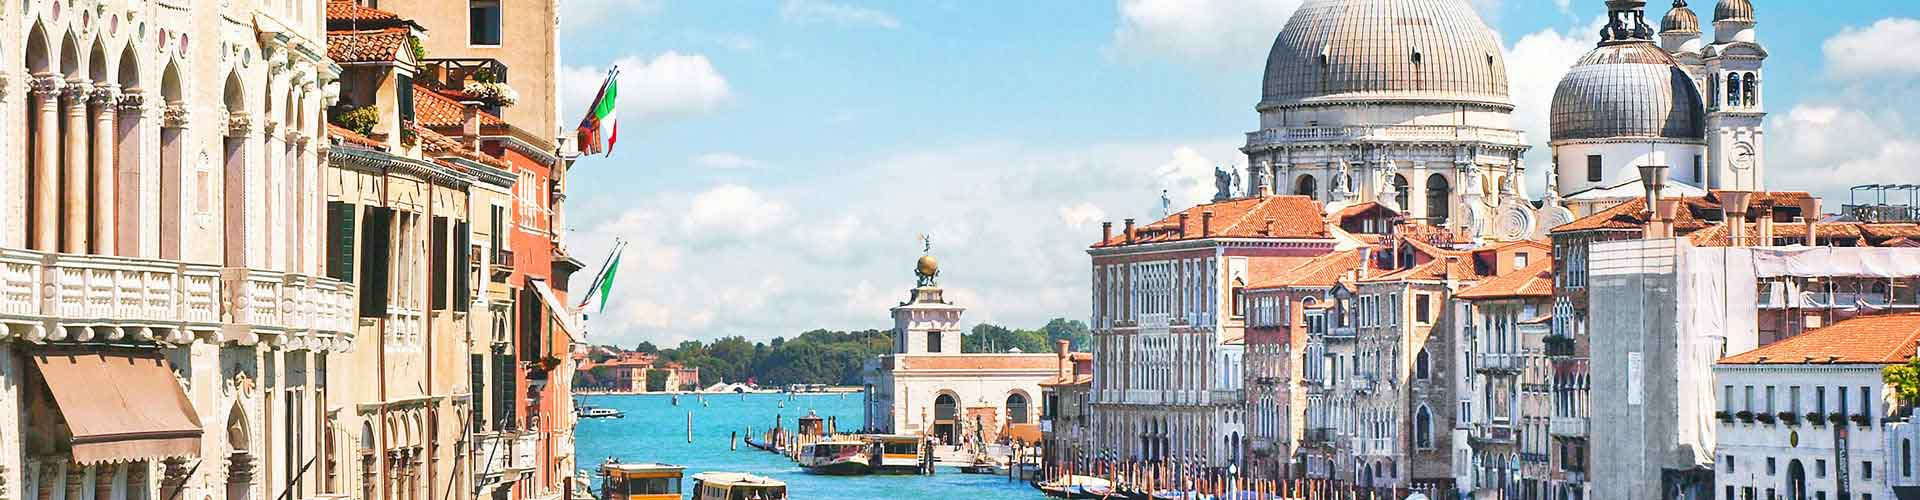 Venise - Auberges de jeunesse dans le quartier de Sestiere S. Croce. Cartes pour Venise, photos et commentaires pour chaque auberge de jeunesse à Venise.